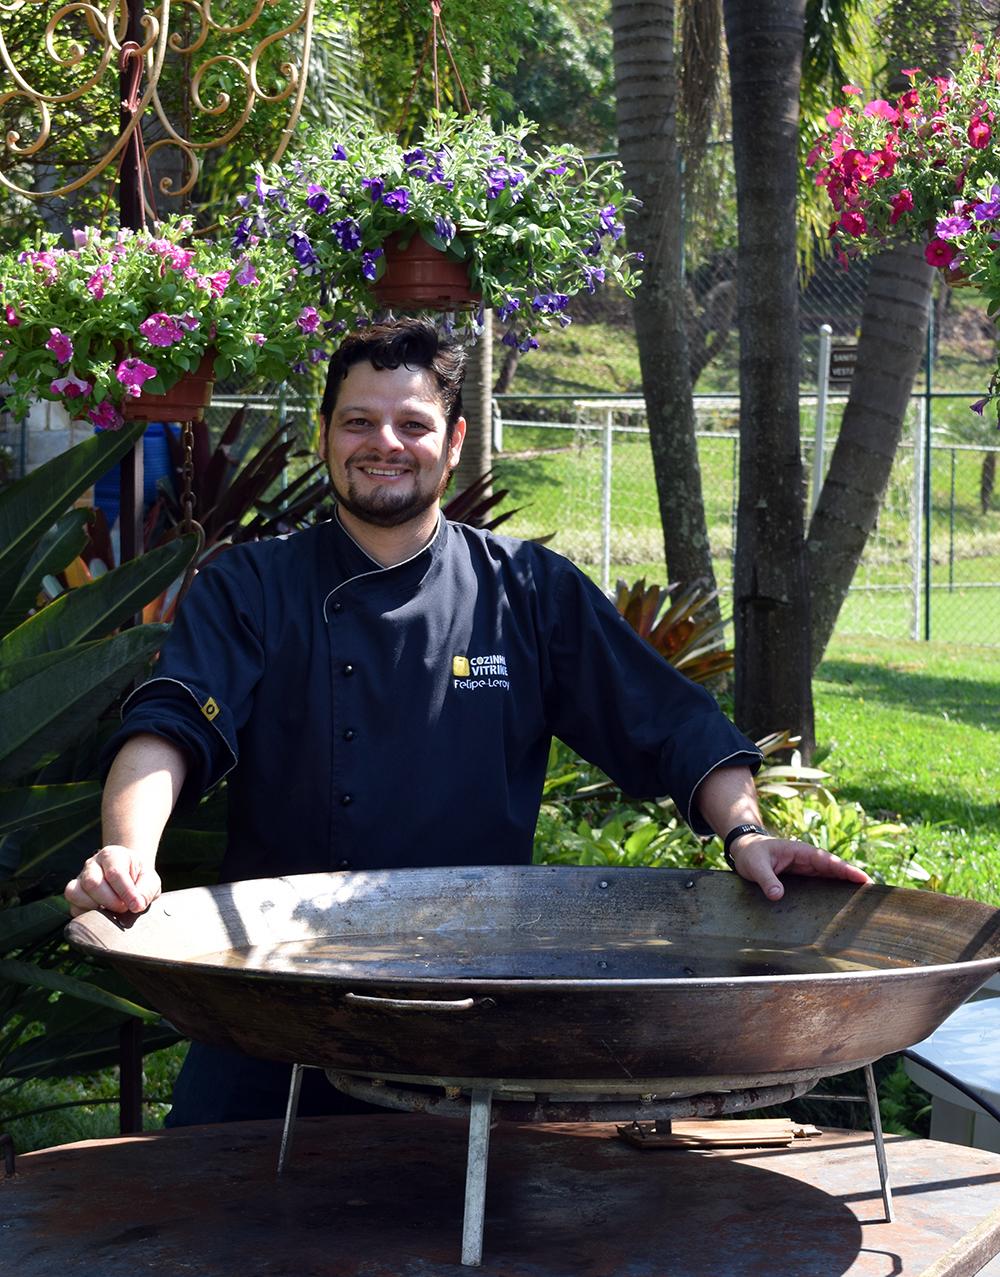 Felipe Leroy, idealizador dos projetos Cozinha Vitrine e Cozinha Educativa.